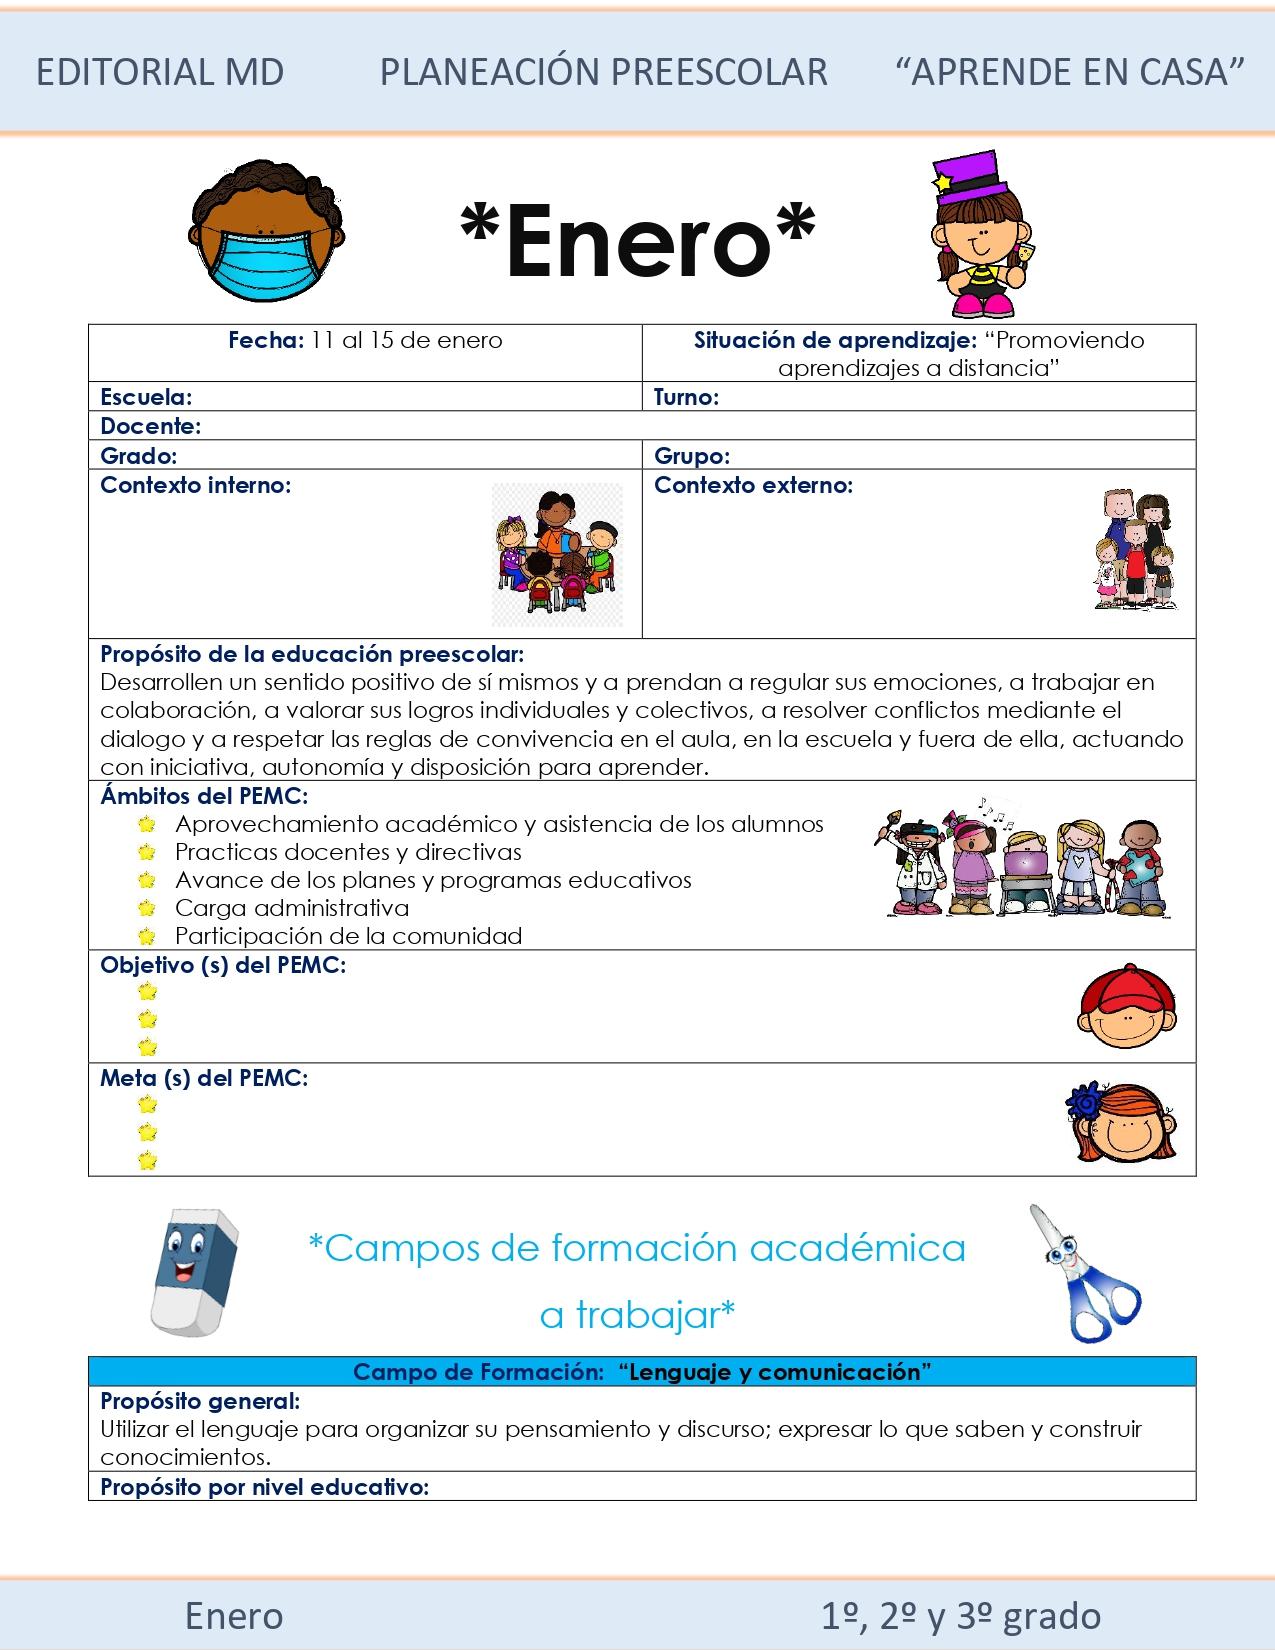 Ejemplo planeación Preescolar del 11 al 15 de enero 2021